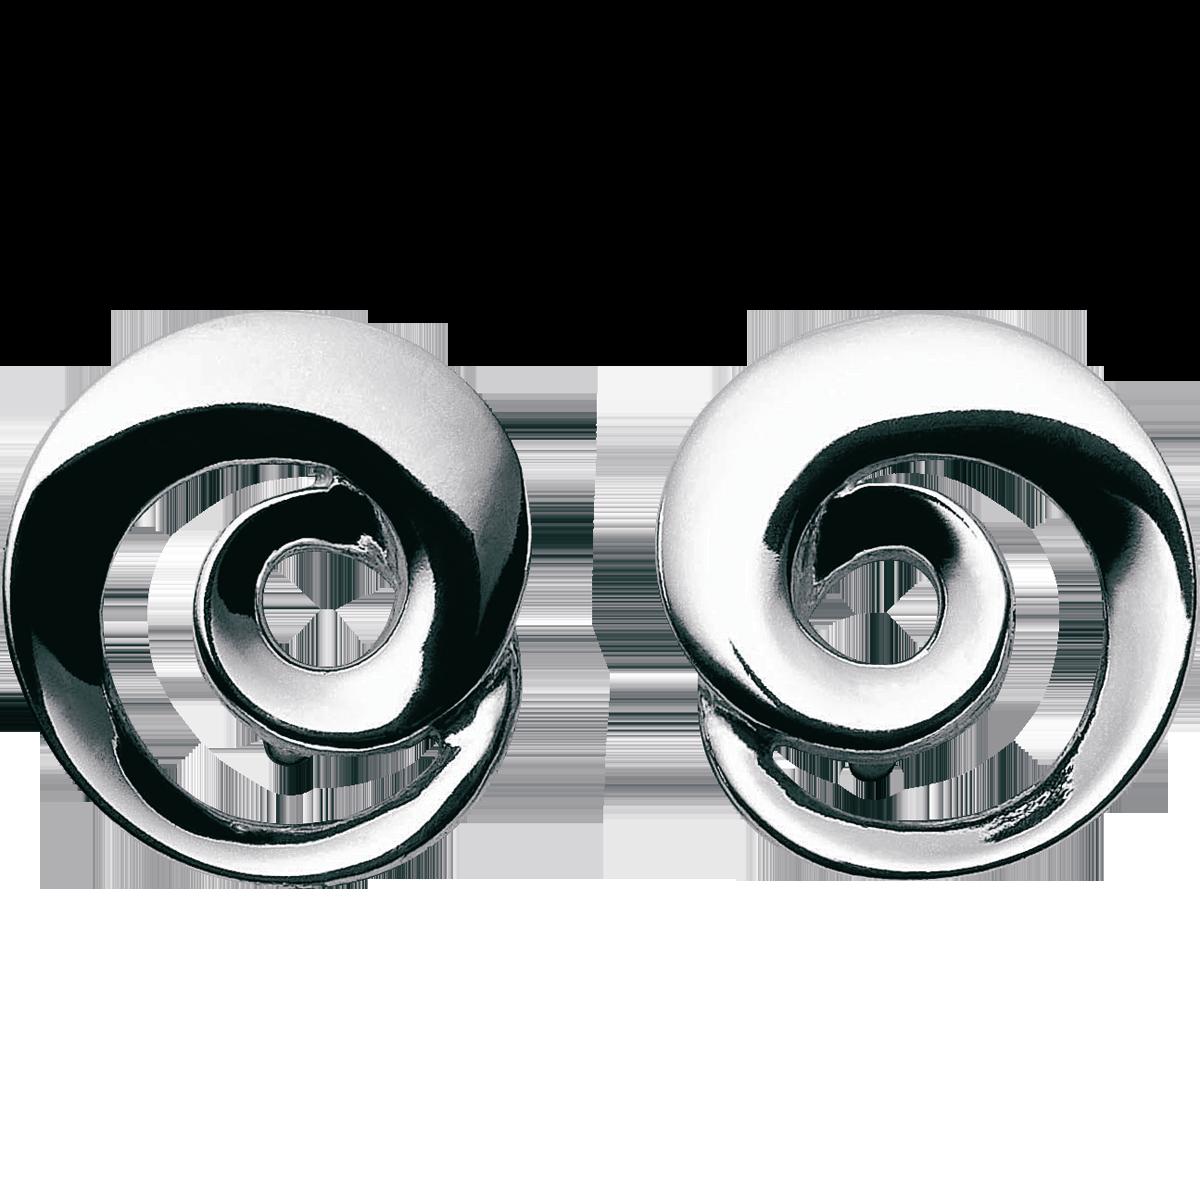 Georg Jensen Continuity øreringe sølv